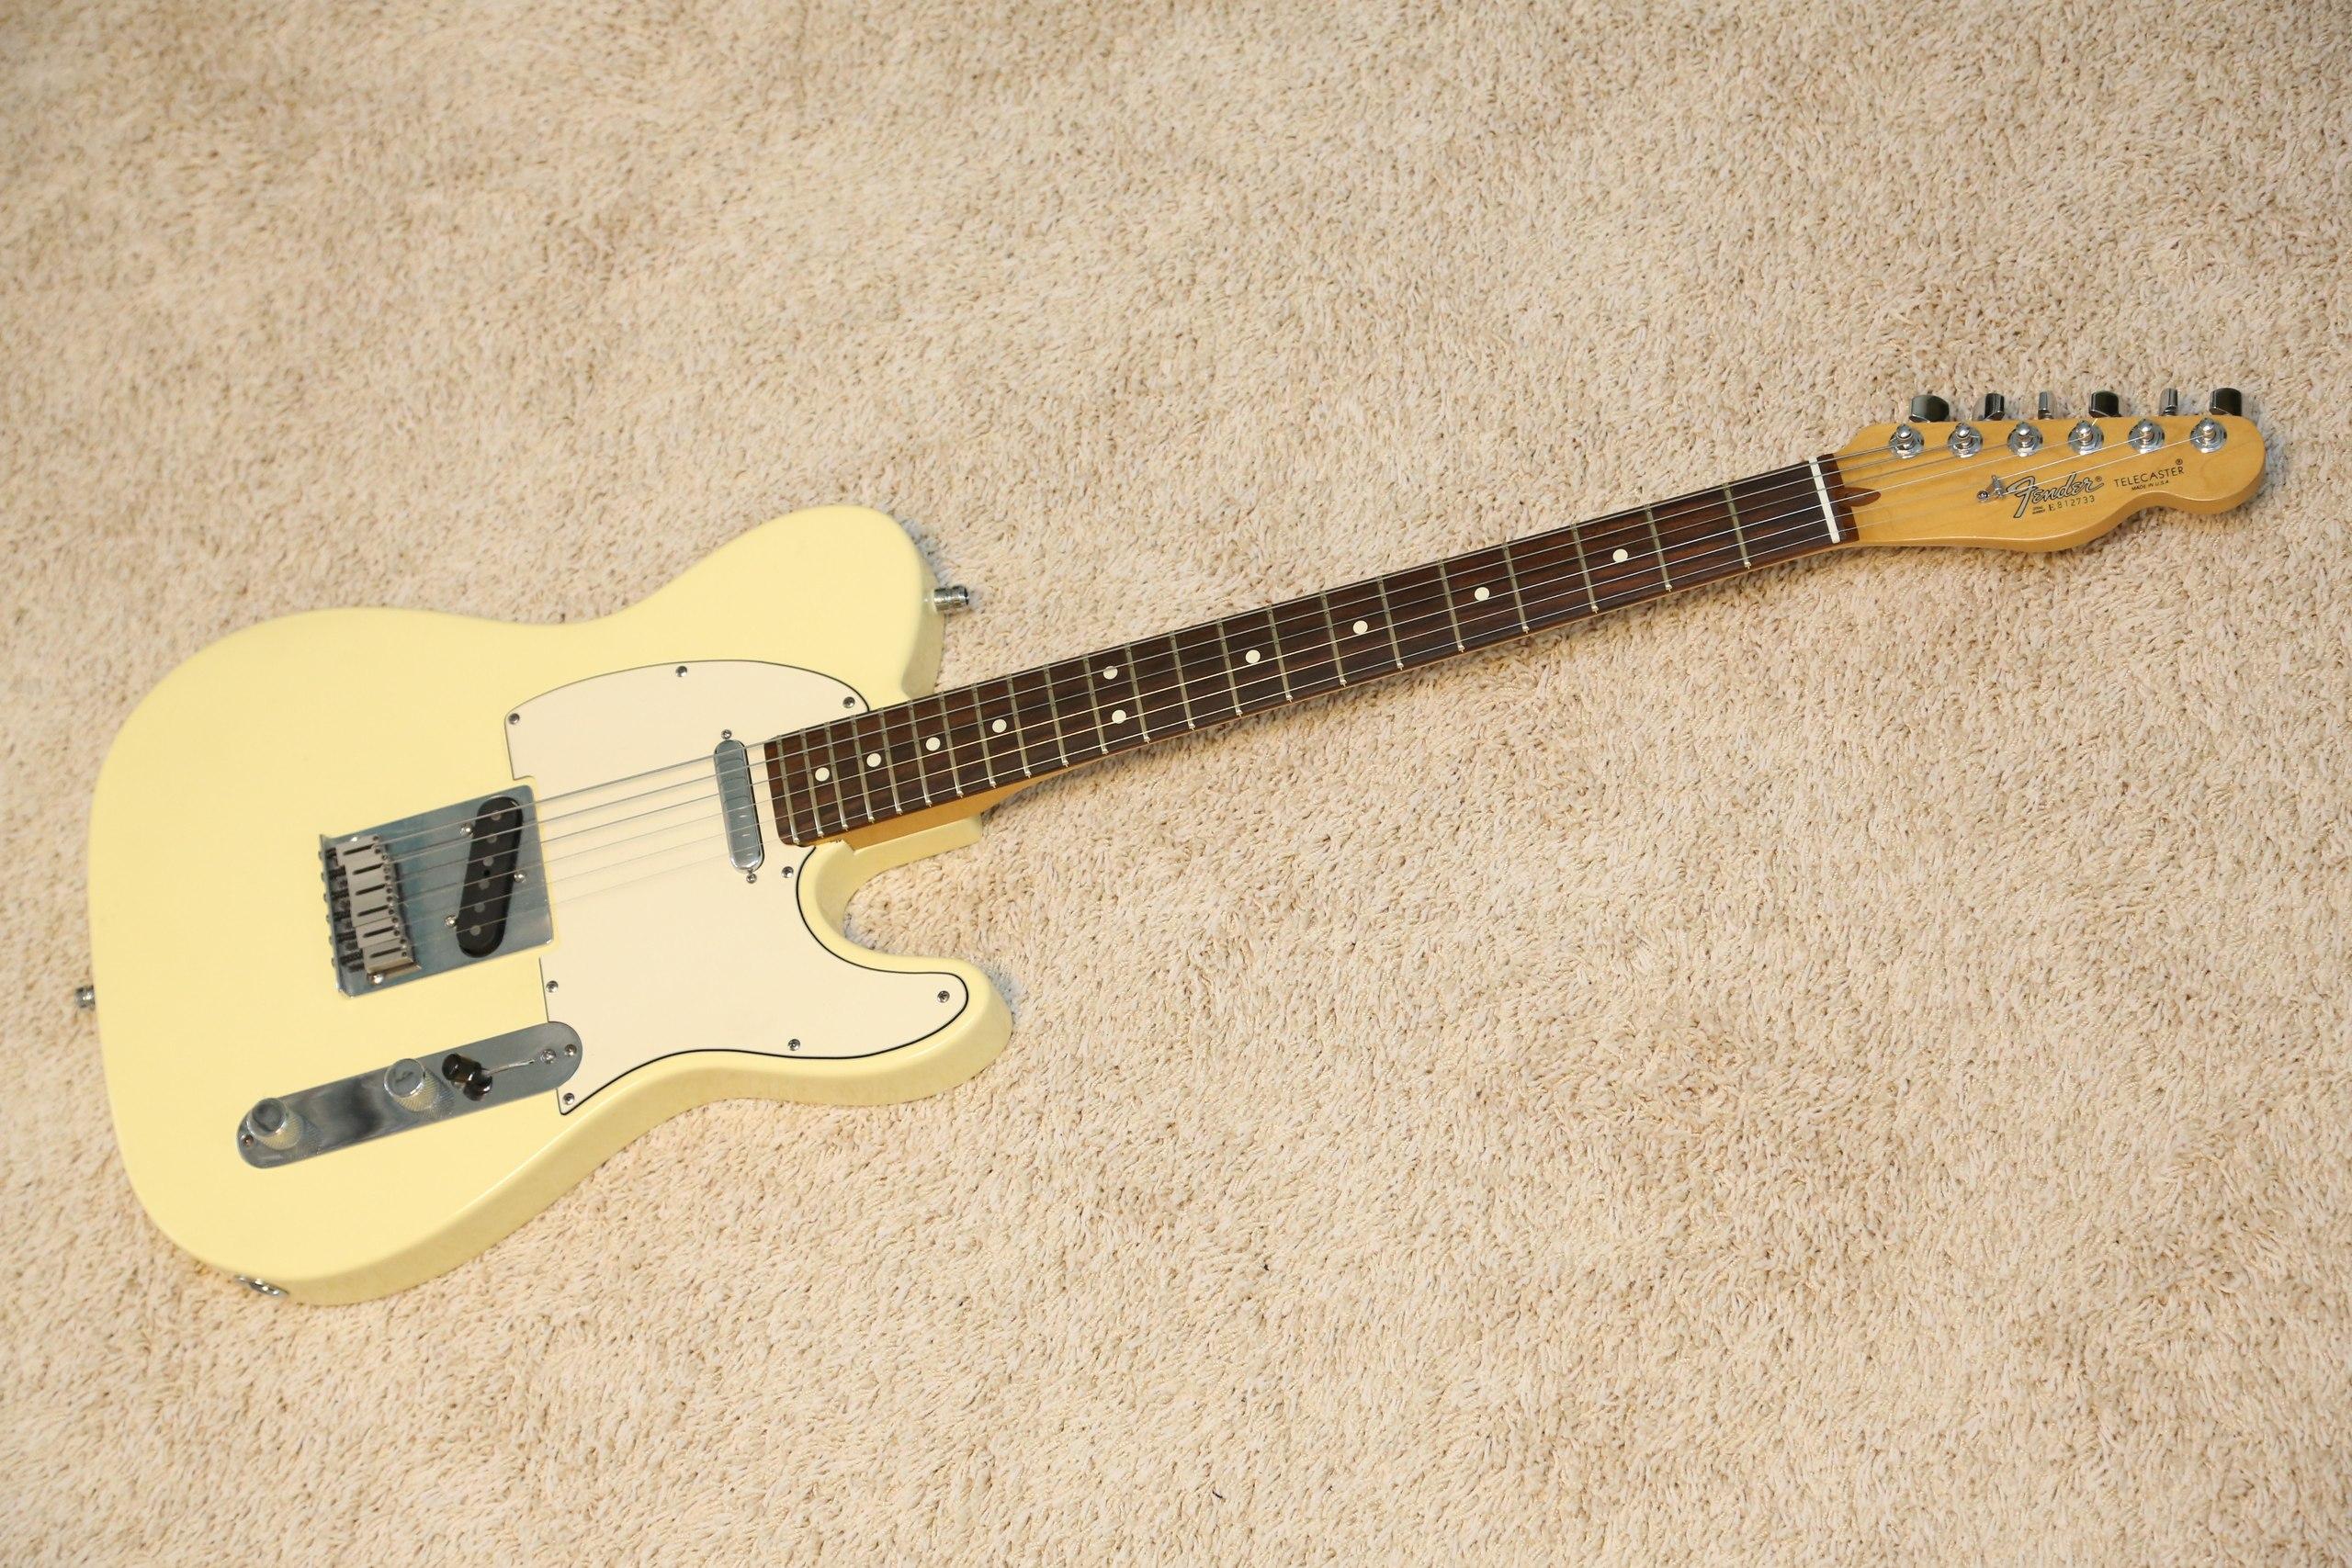 Fender Telecaster 1988-1990